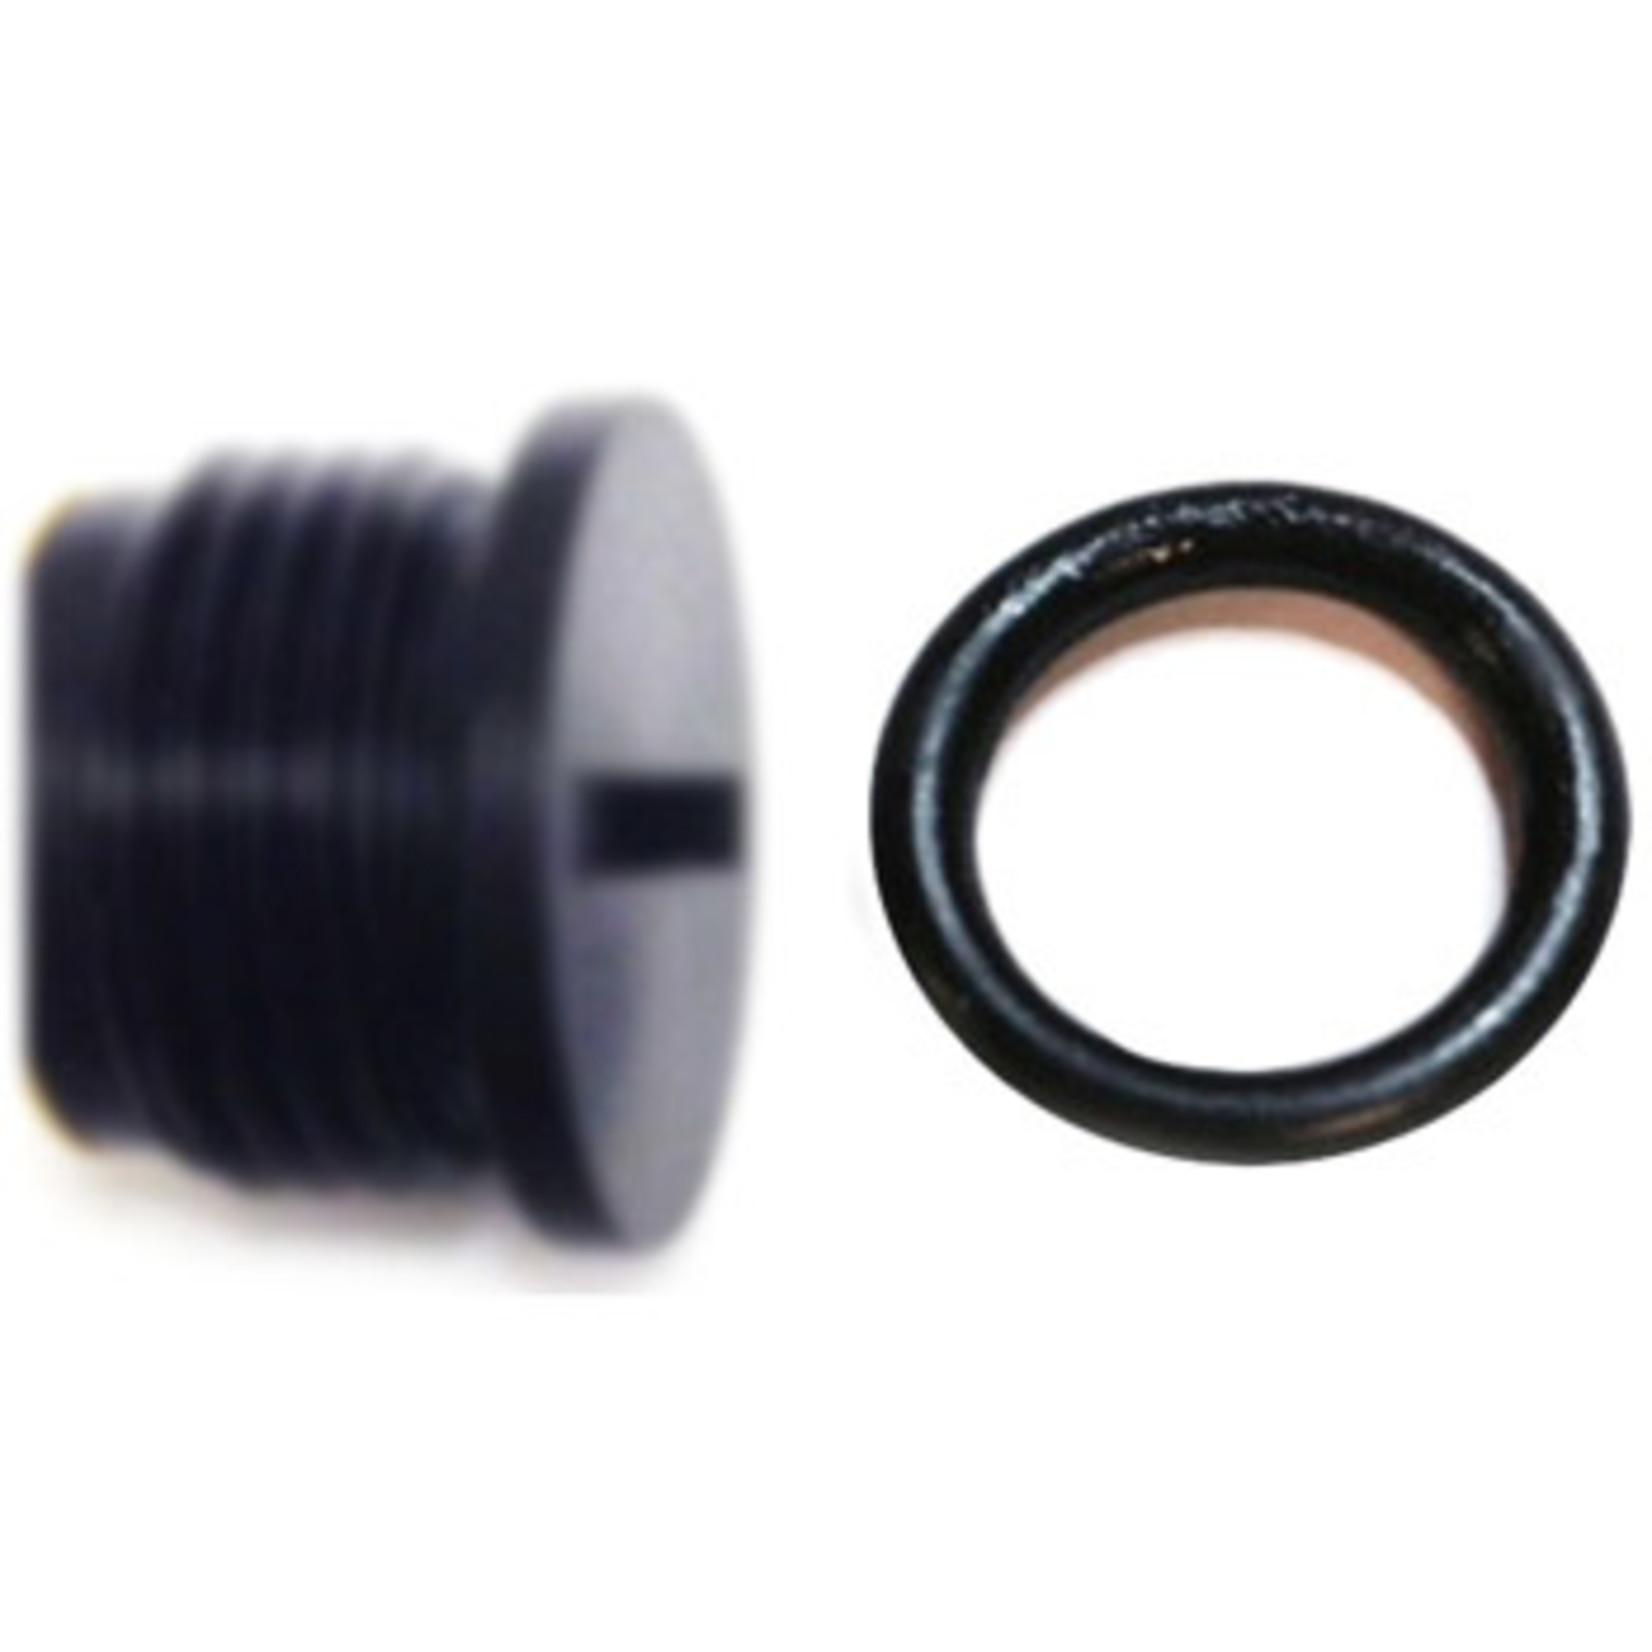 Shearwater Predator battery cover O-rings (pair)